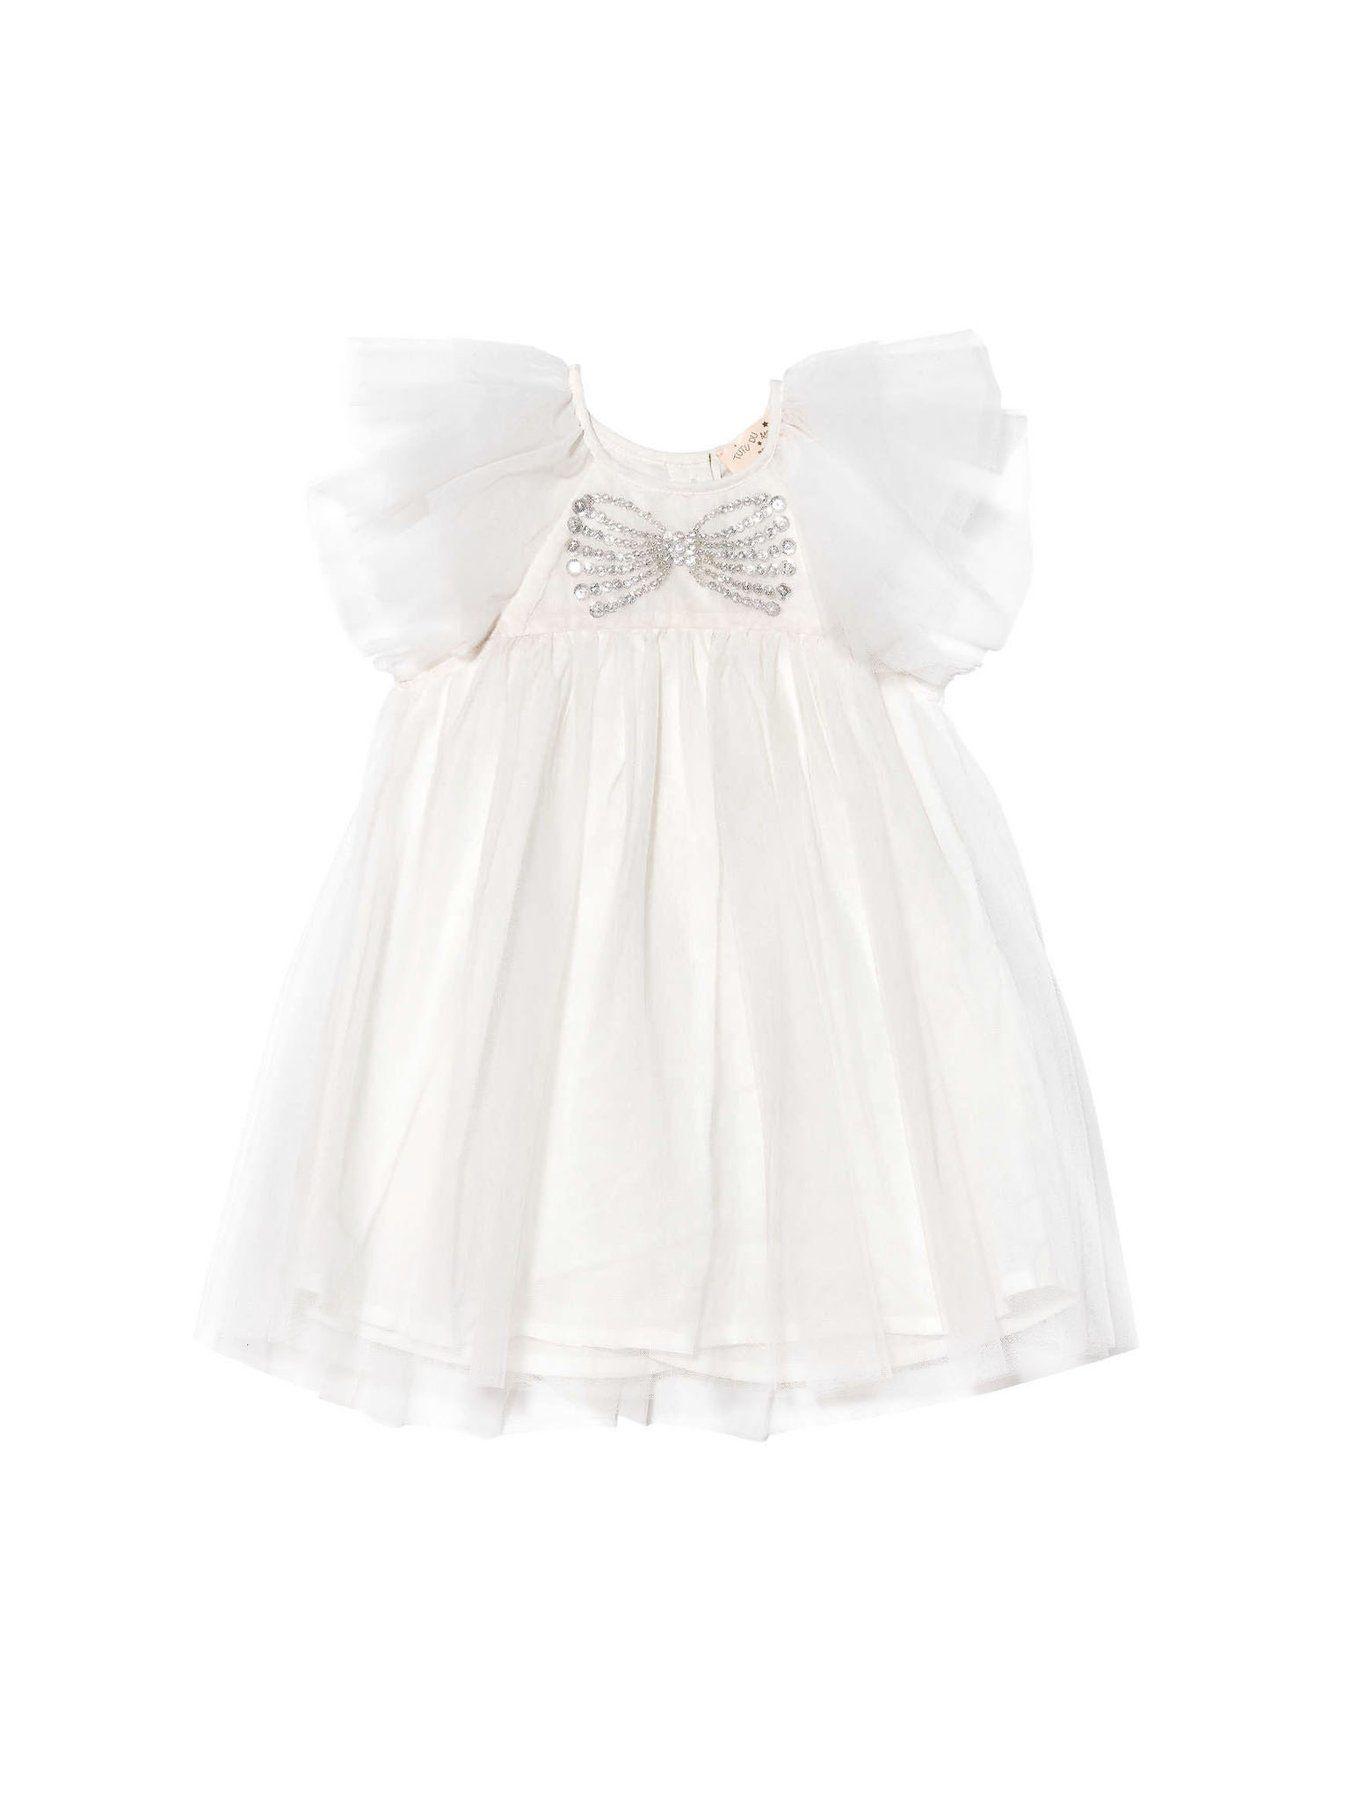 TDM5961 / WHITE / COSETTE TULLE DRESS 'BEBE'